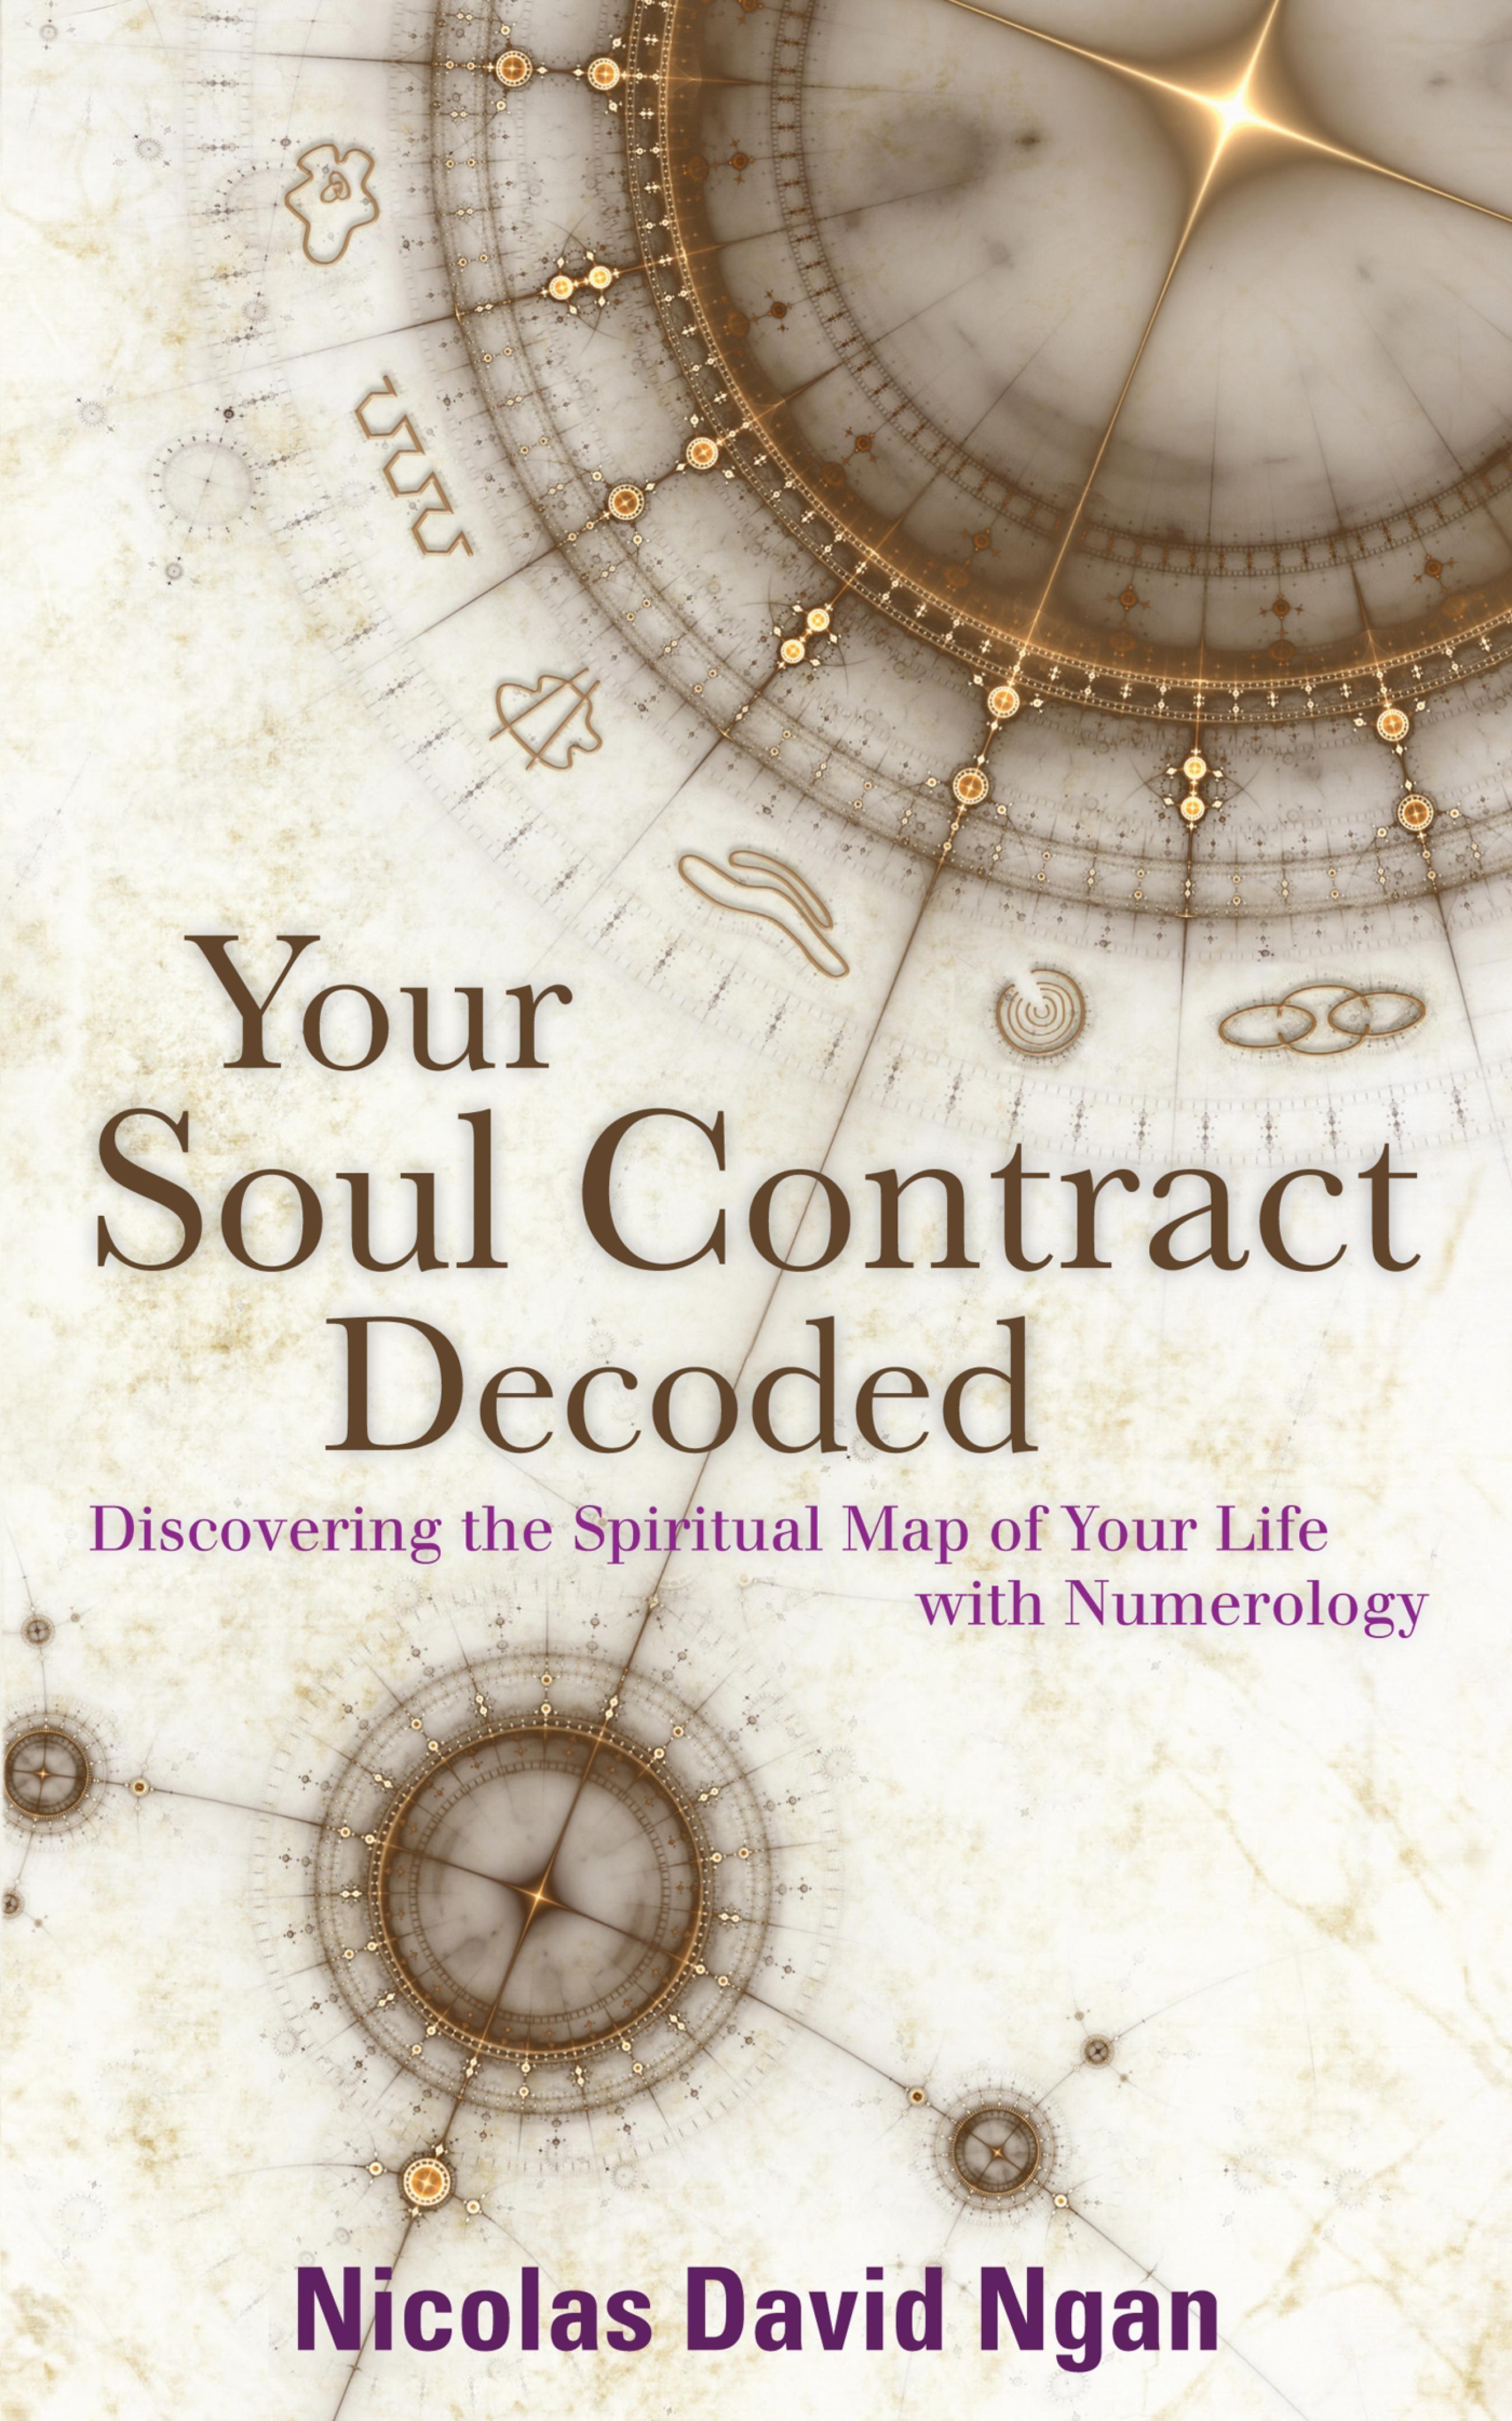 Your soul contract decoded ebook nicolas david ngan descargar your soul contract decoded ebook nicolas david ngan 9781780286136 malvernweather Image collections